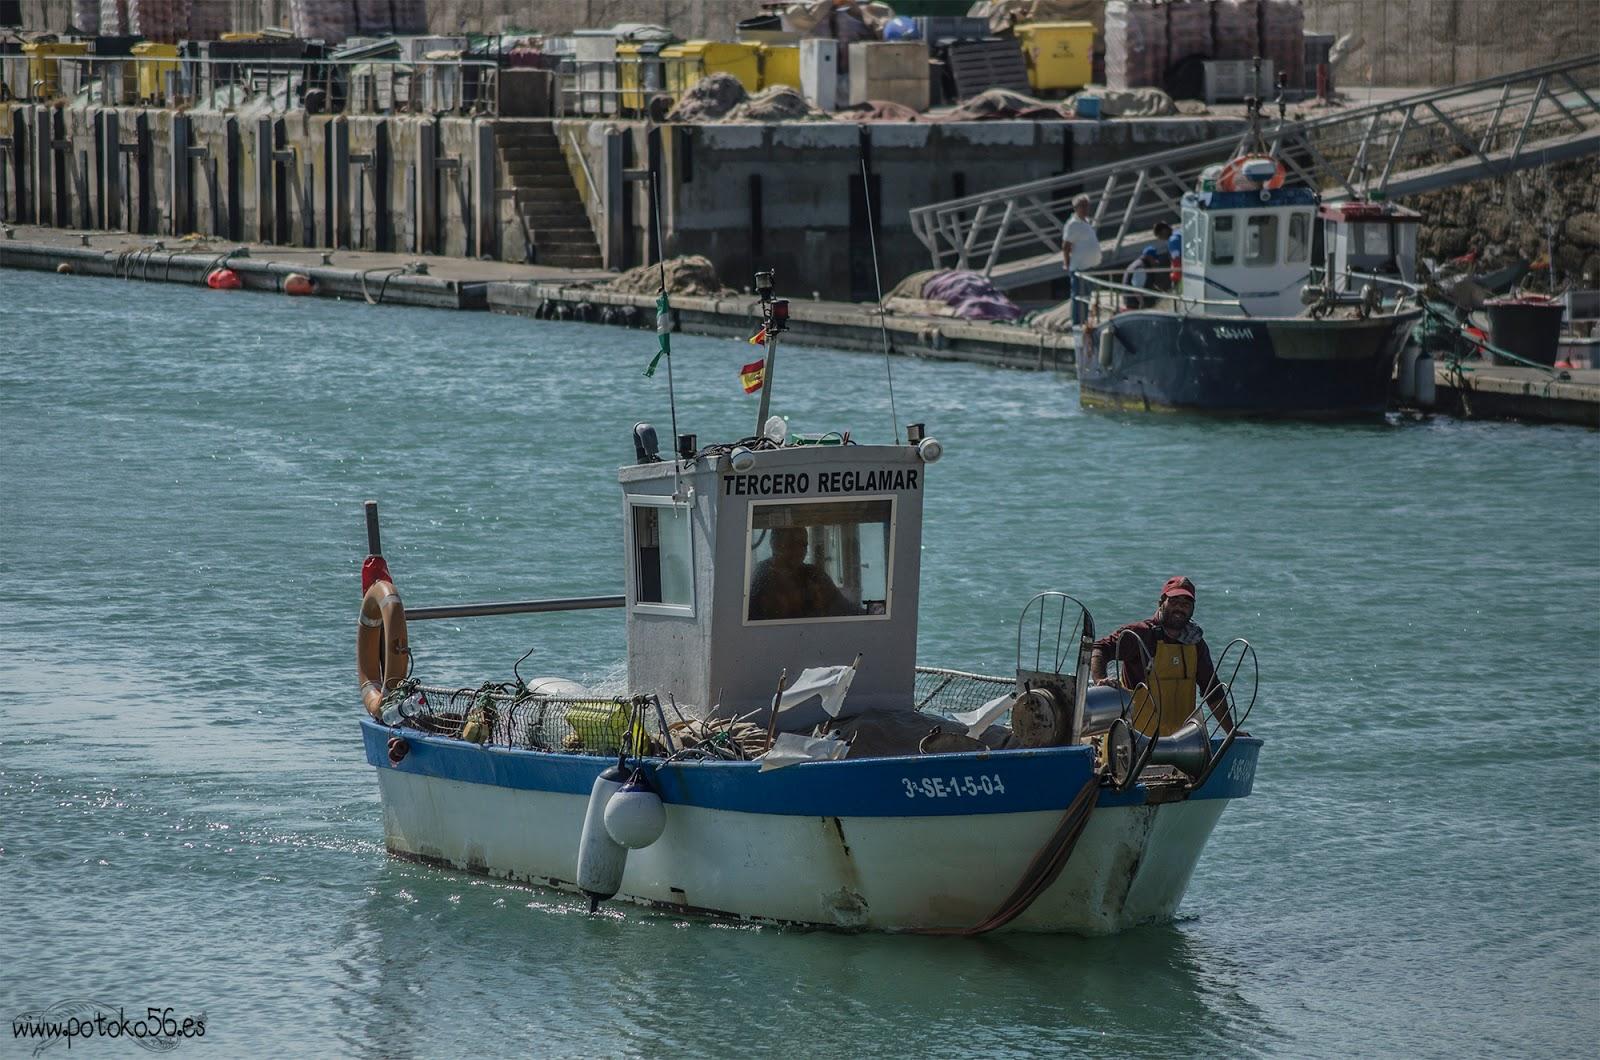 tras la dura jornada barco llegando al puerto de Rota